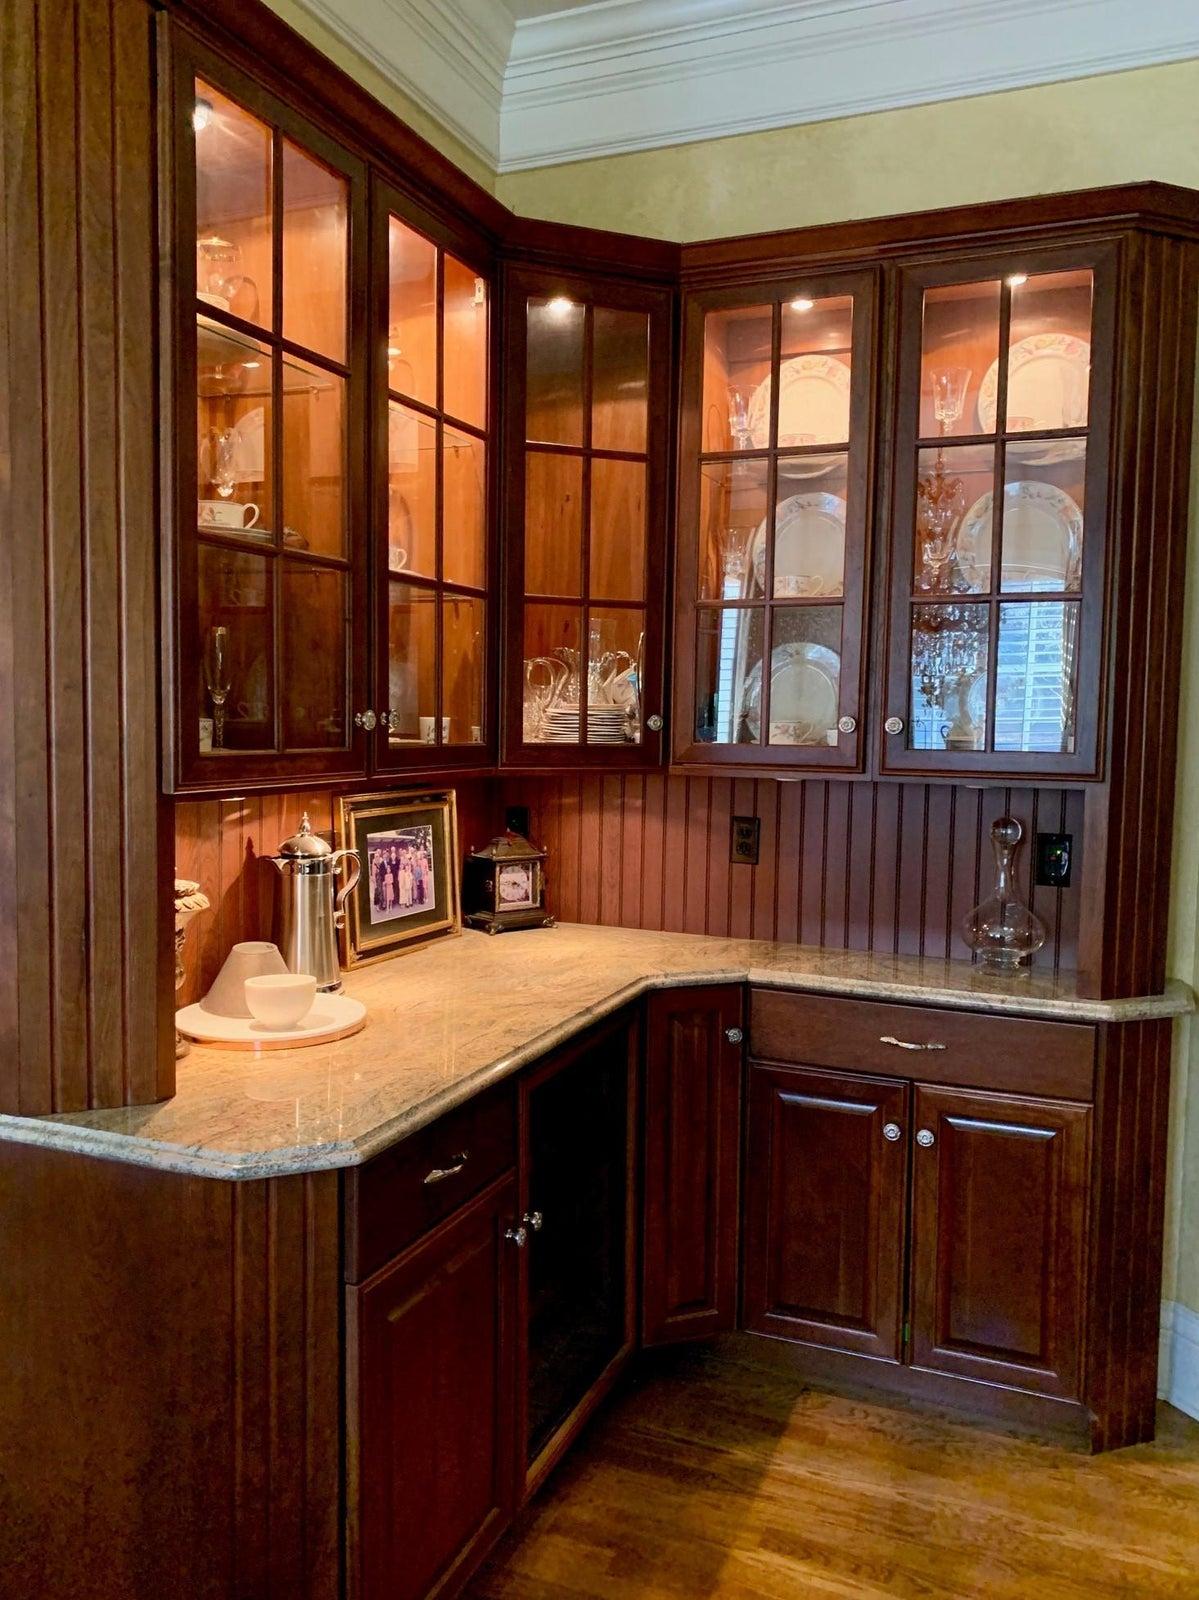 Main level kitchen cabintry